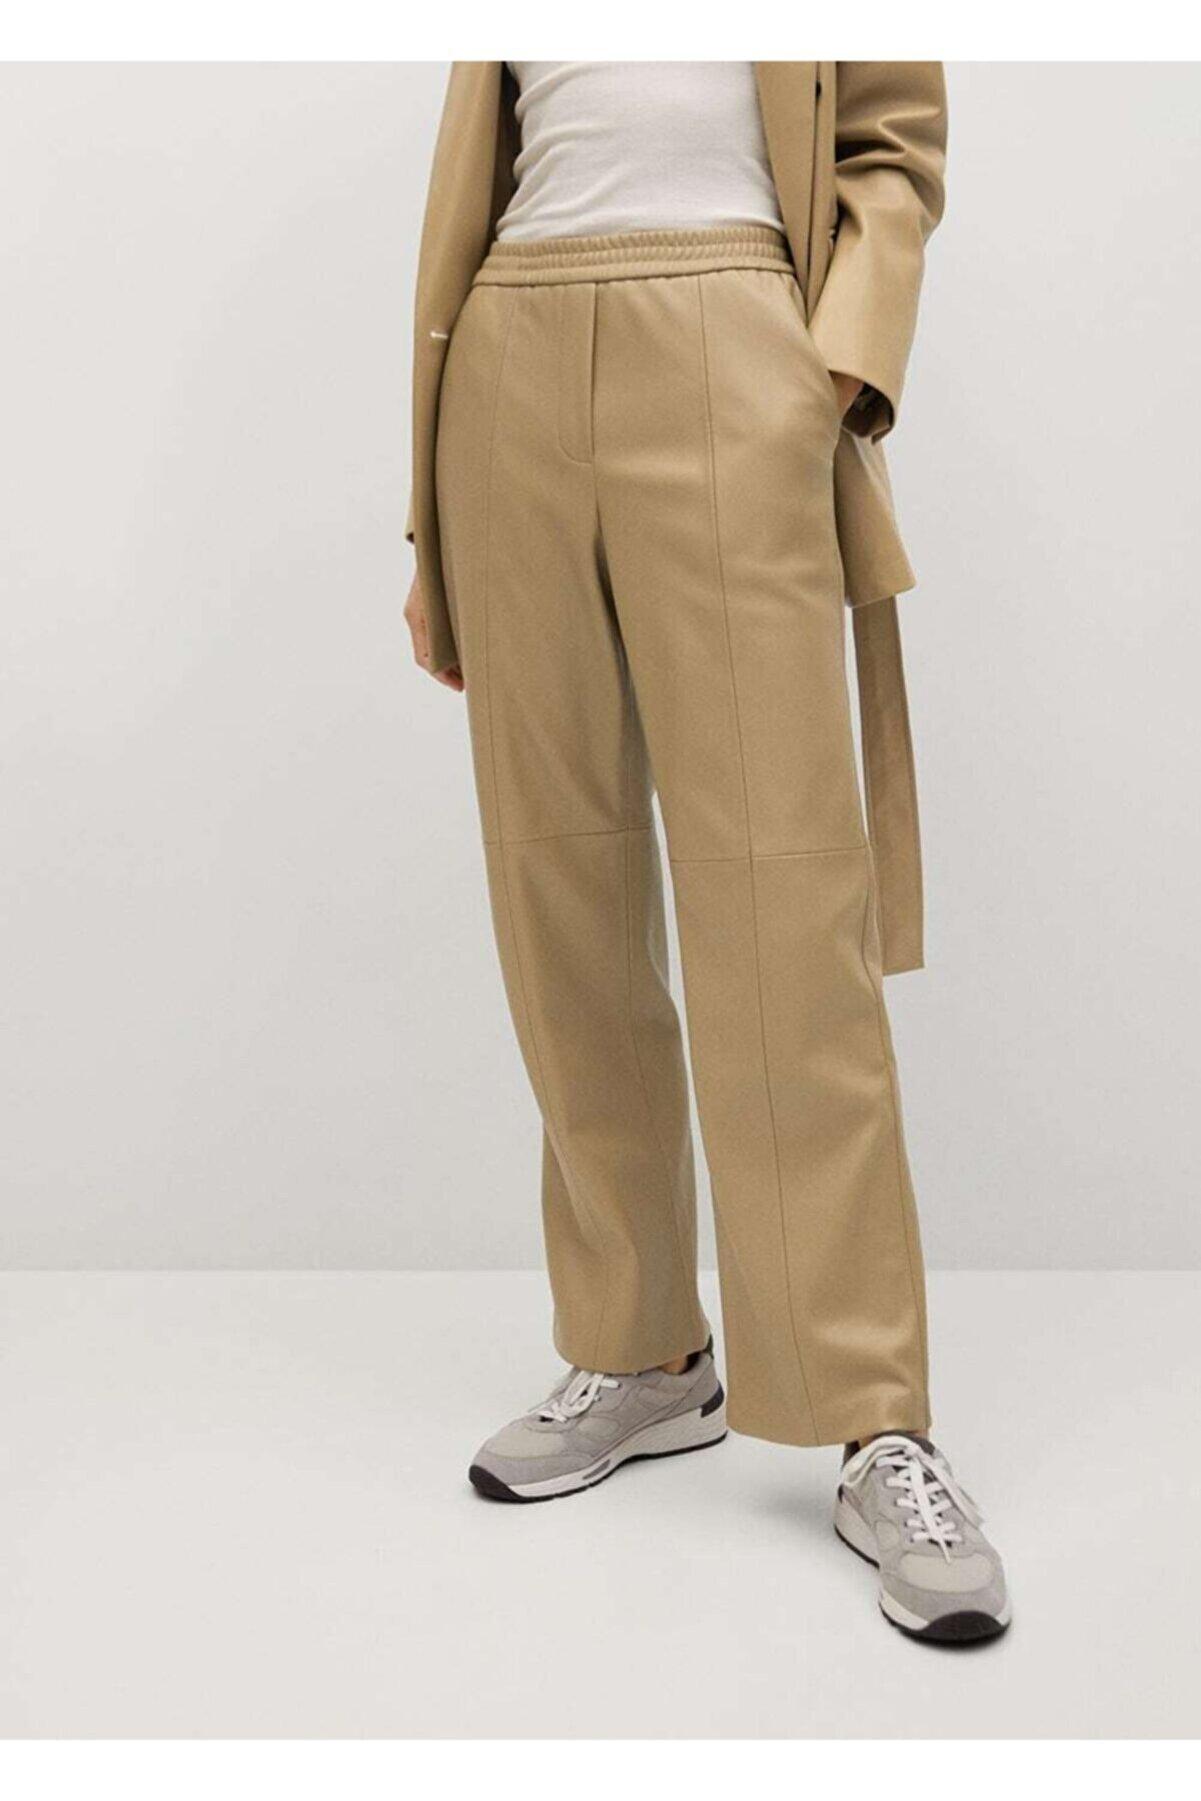 Mango Kadın Zeytin Yeşili Deri Görünümlü Düz Kesim Pantolon